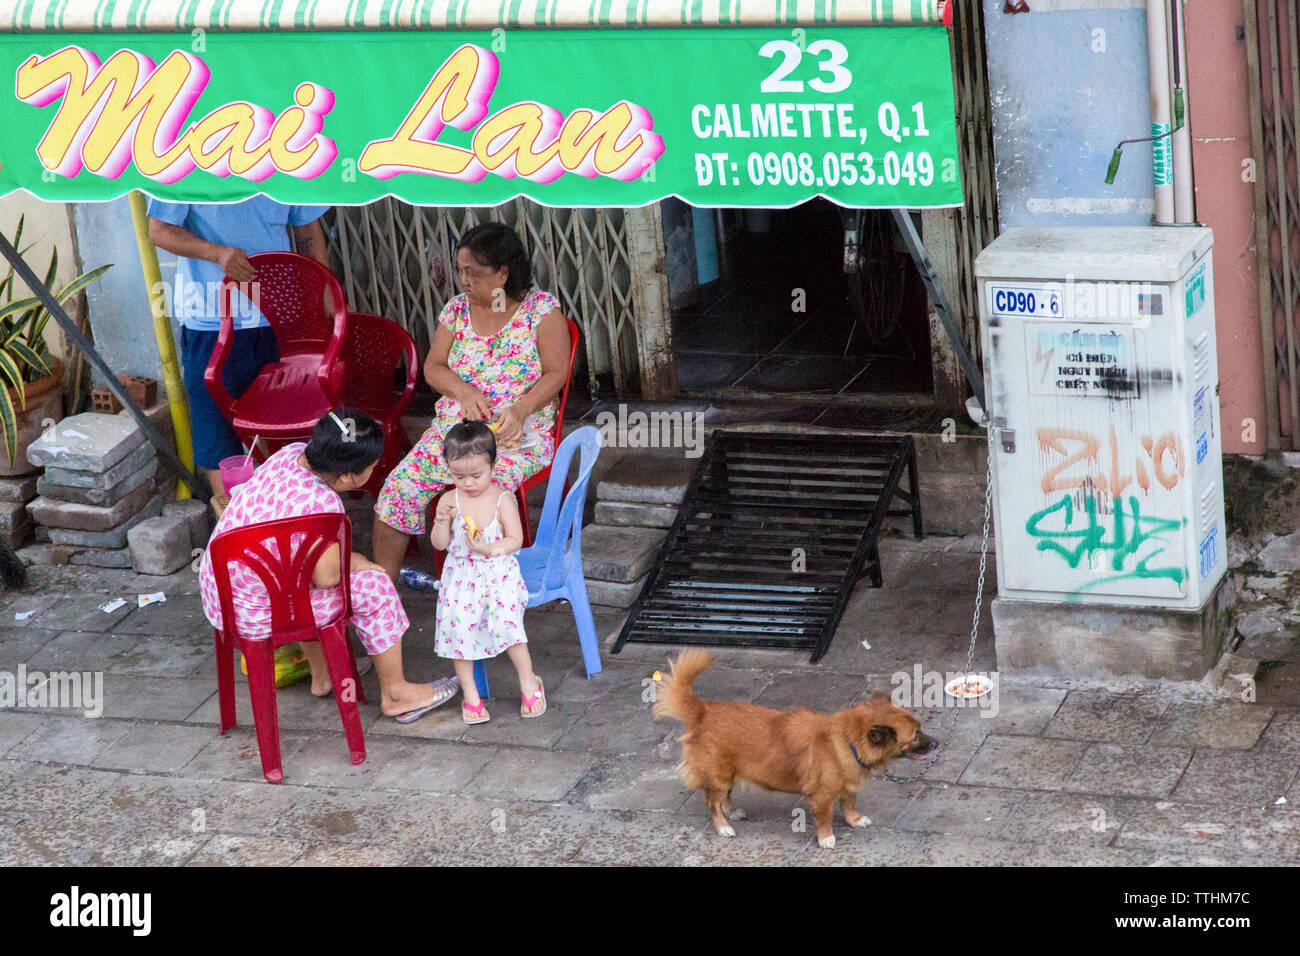 Saigon, South Vietnam - Stock Image